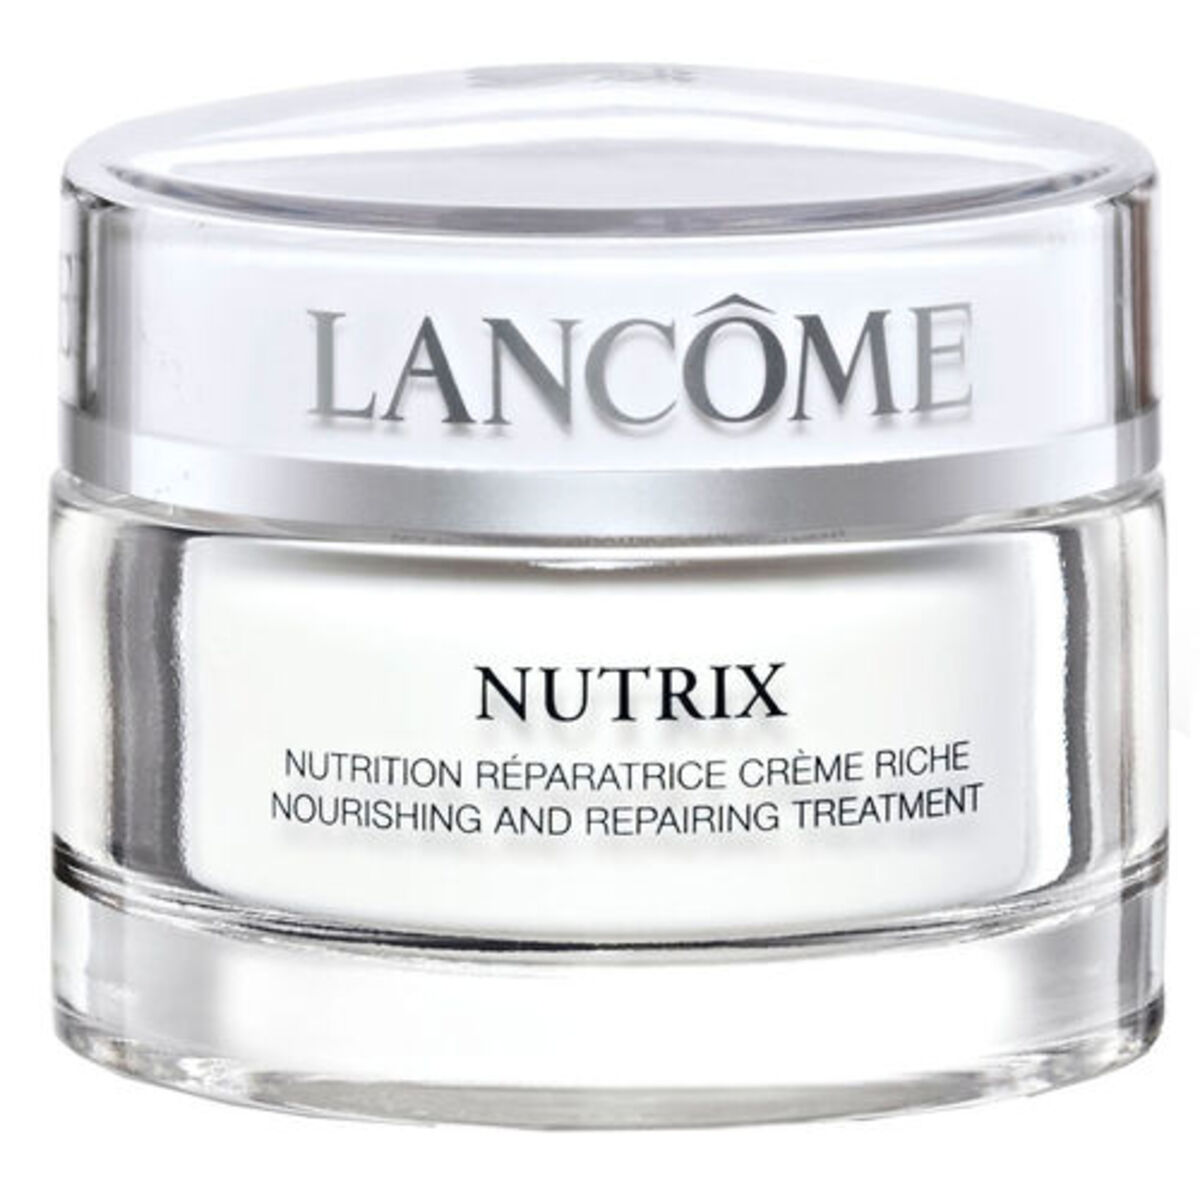 Bild 2 von Lancôme Nutrix Intensivpflege, 50 ml, keine Angabe